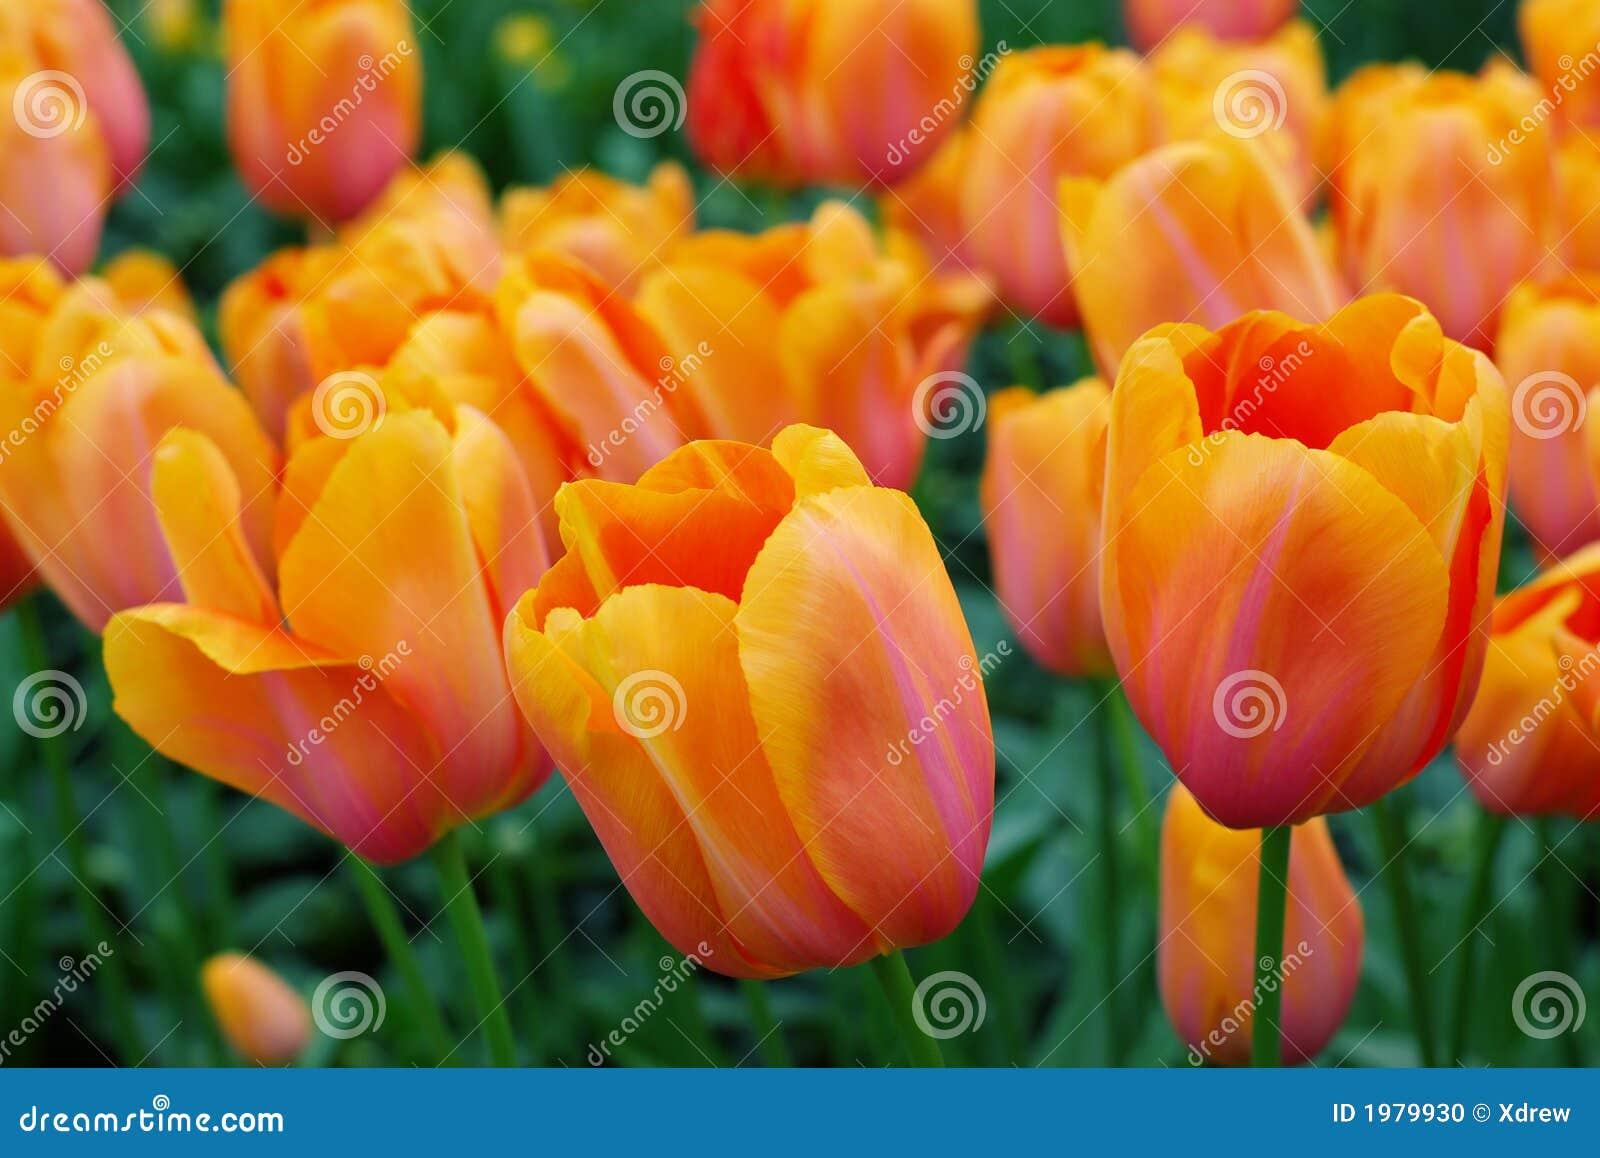 tulipani olandesi arancioni fotografia stock immagine